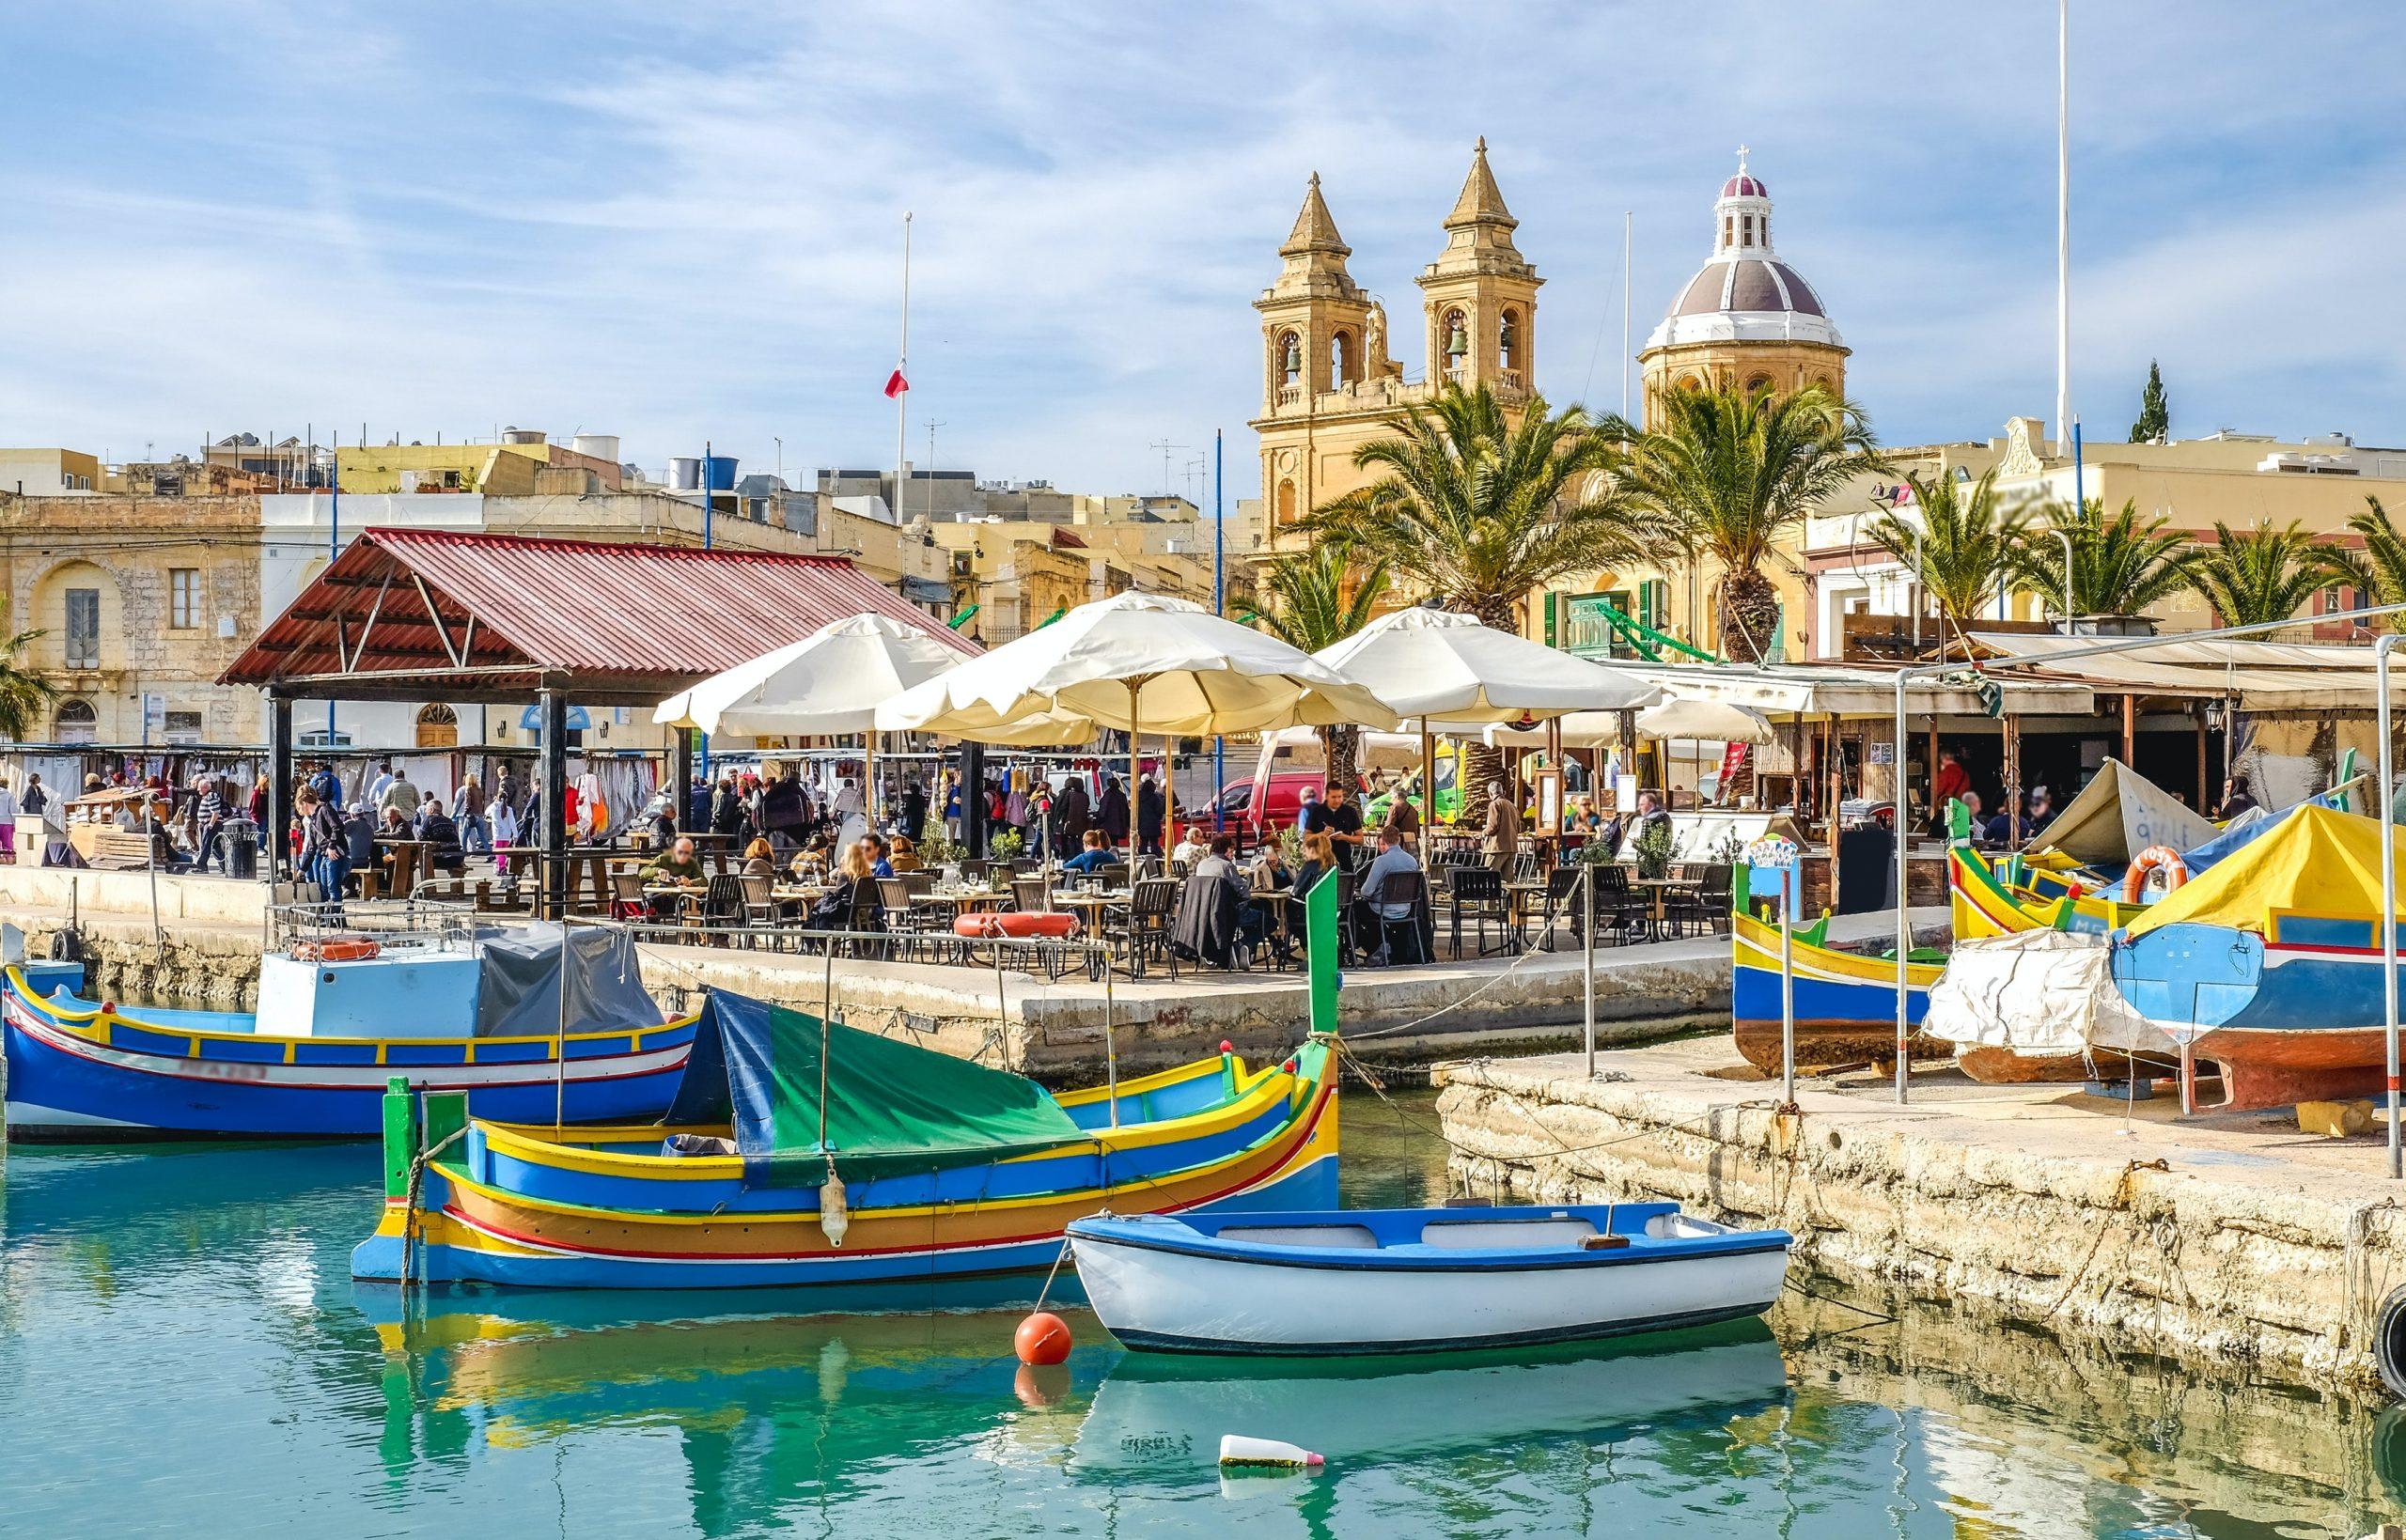 Malta Valetta boats